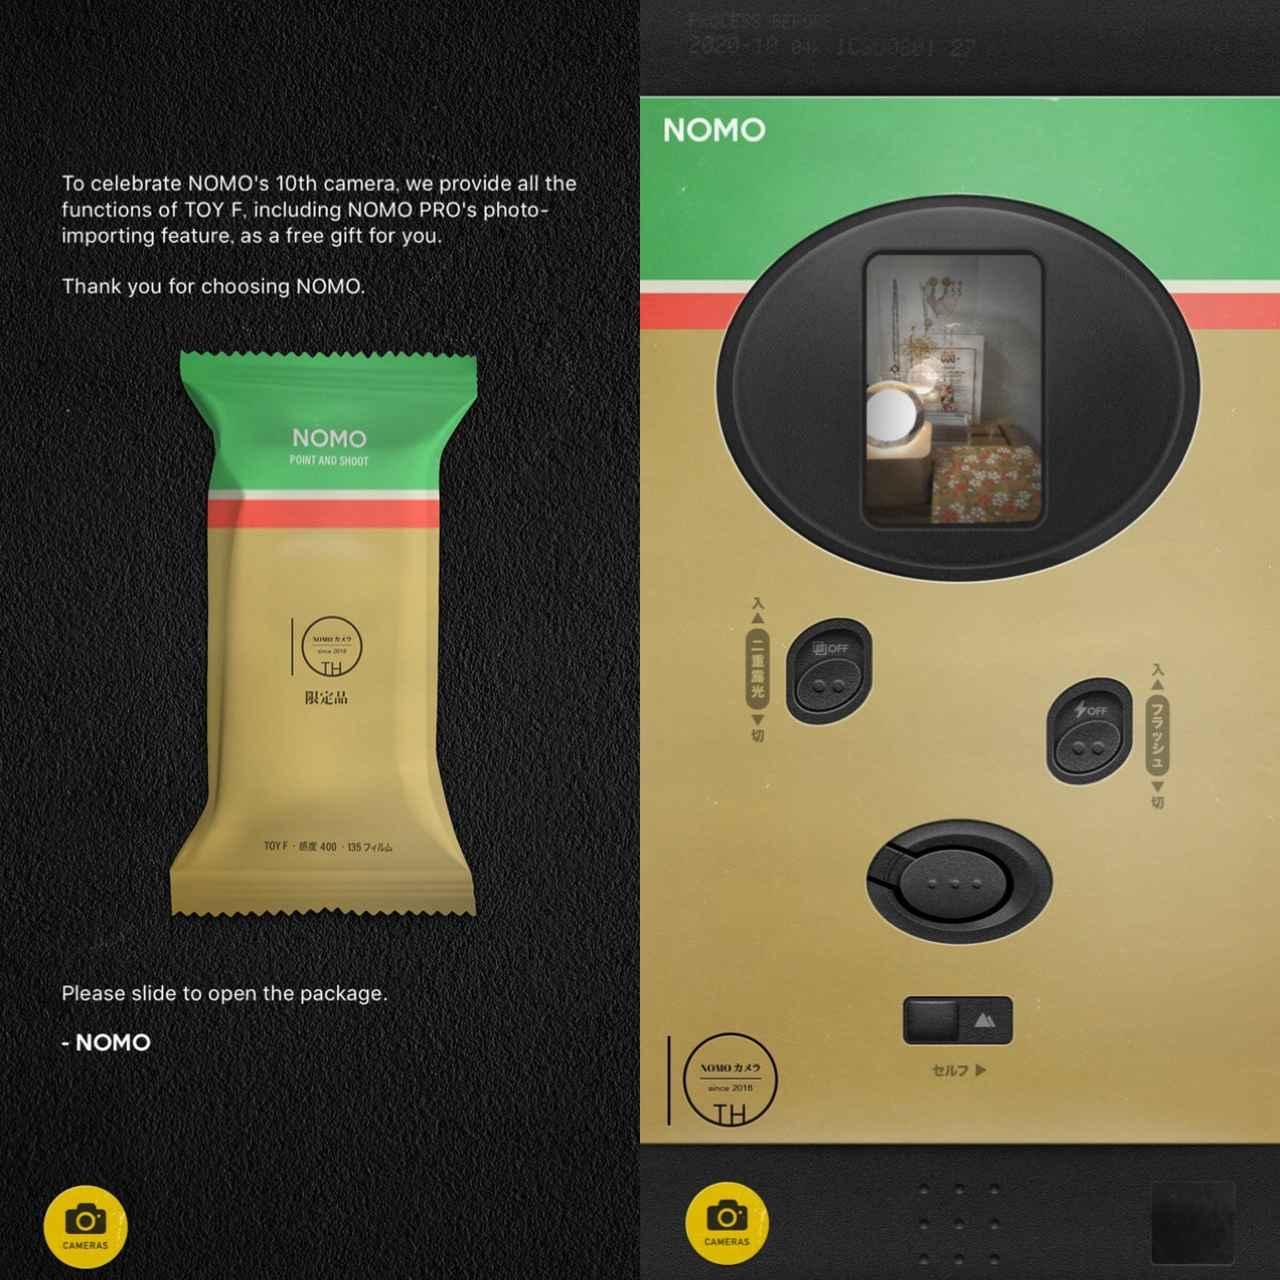 画像2: レトロなカメラがたくさん!無料で追加できるものもあります。